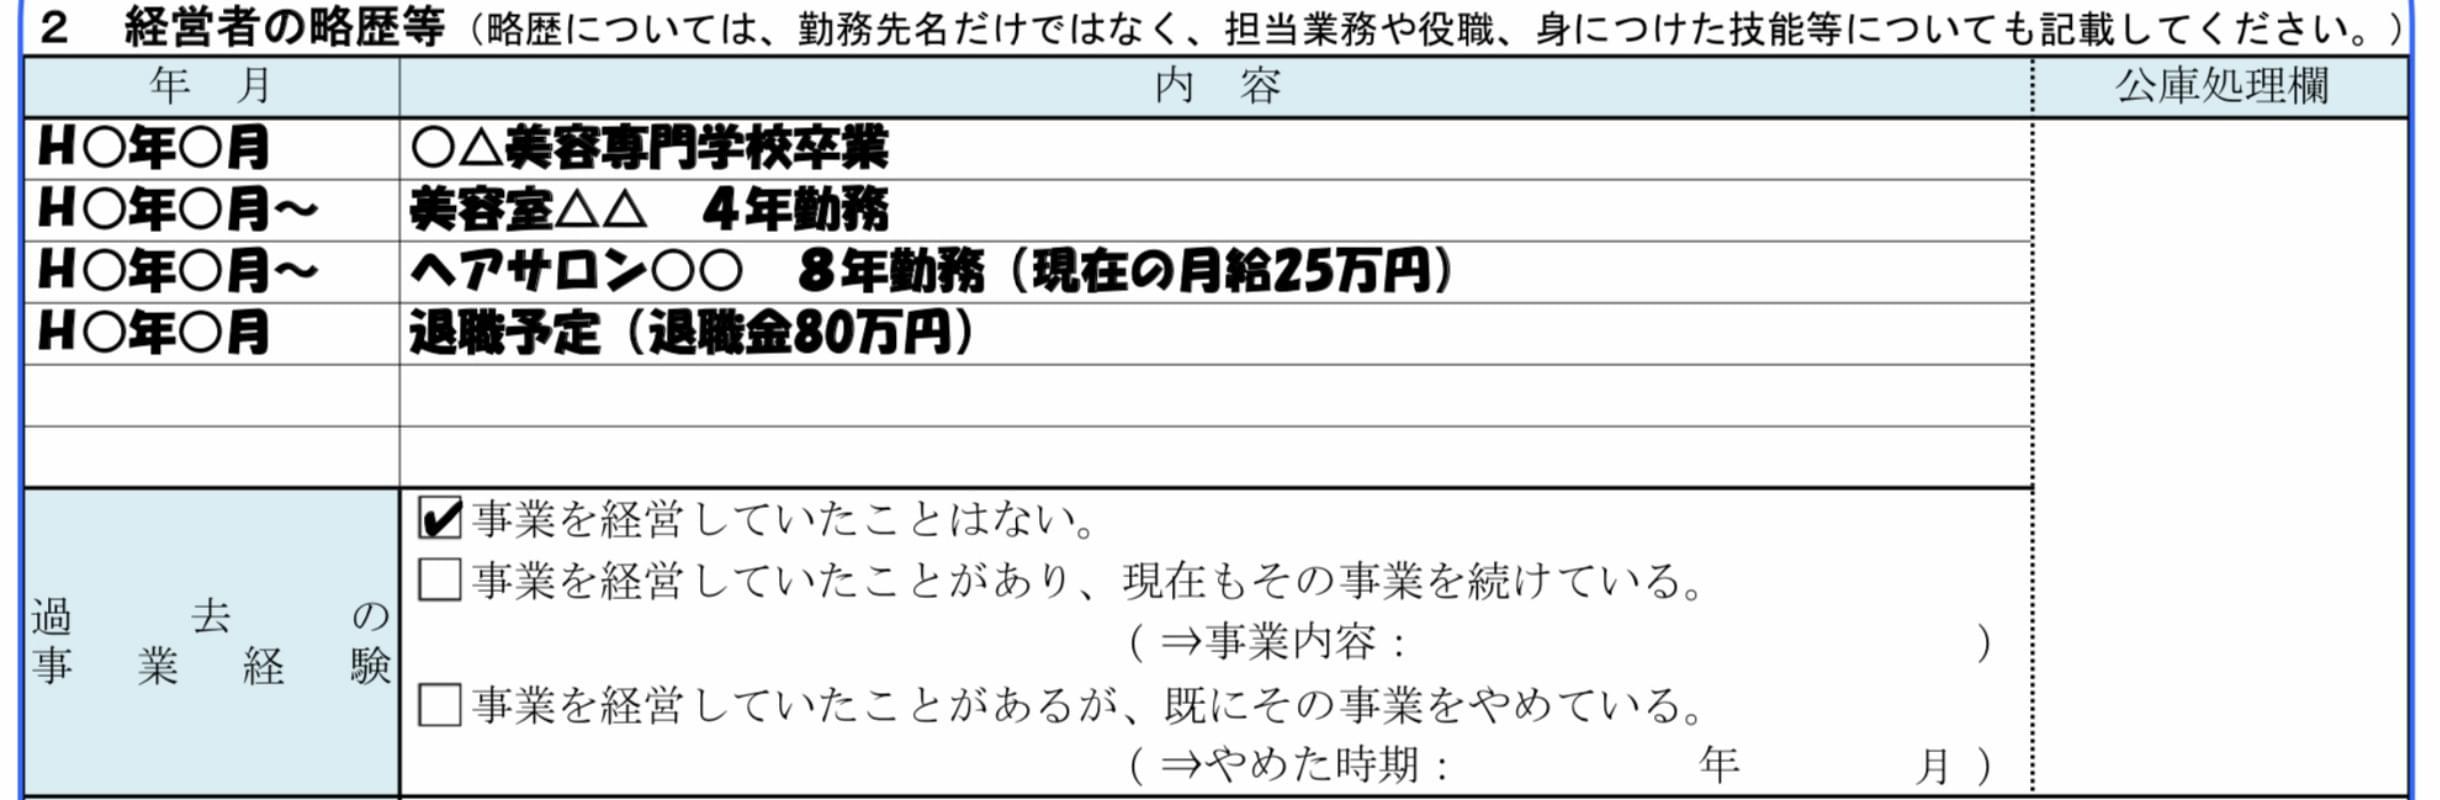 image23(1)